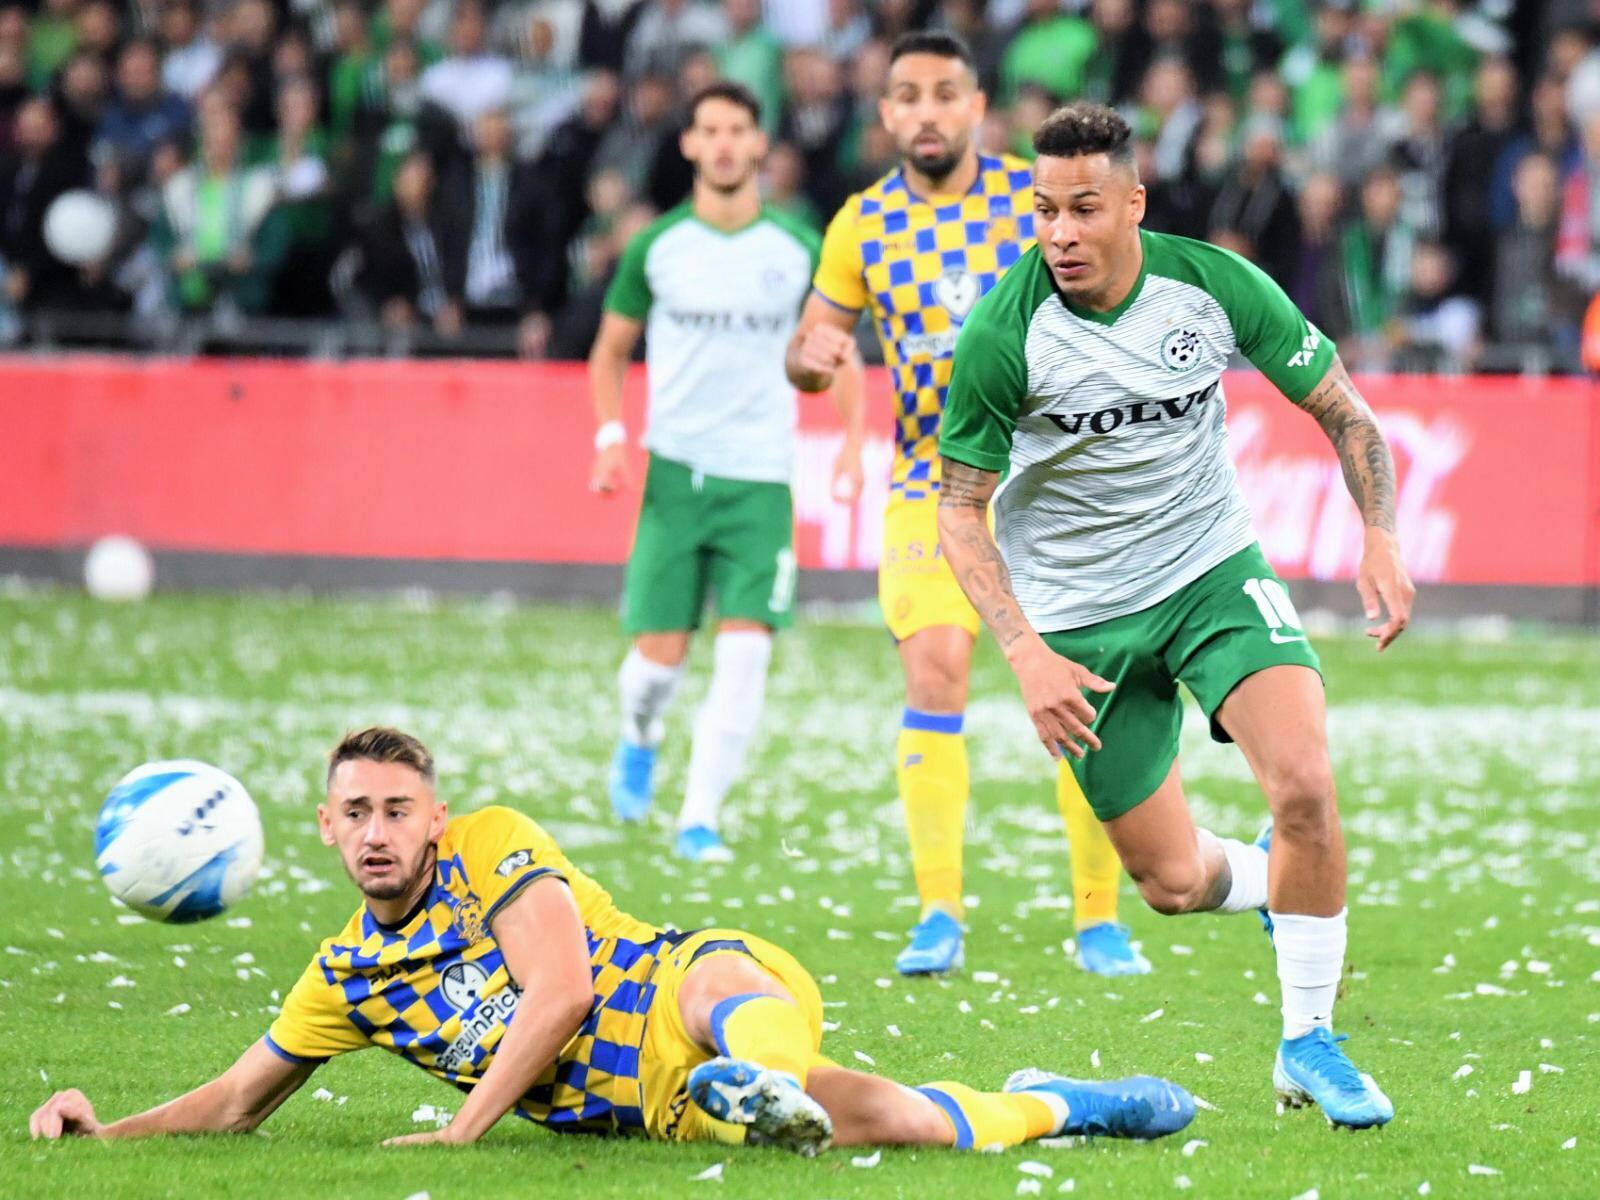 Maccabi lost 3:4 to M. Tel Aviv